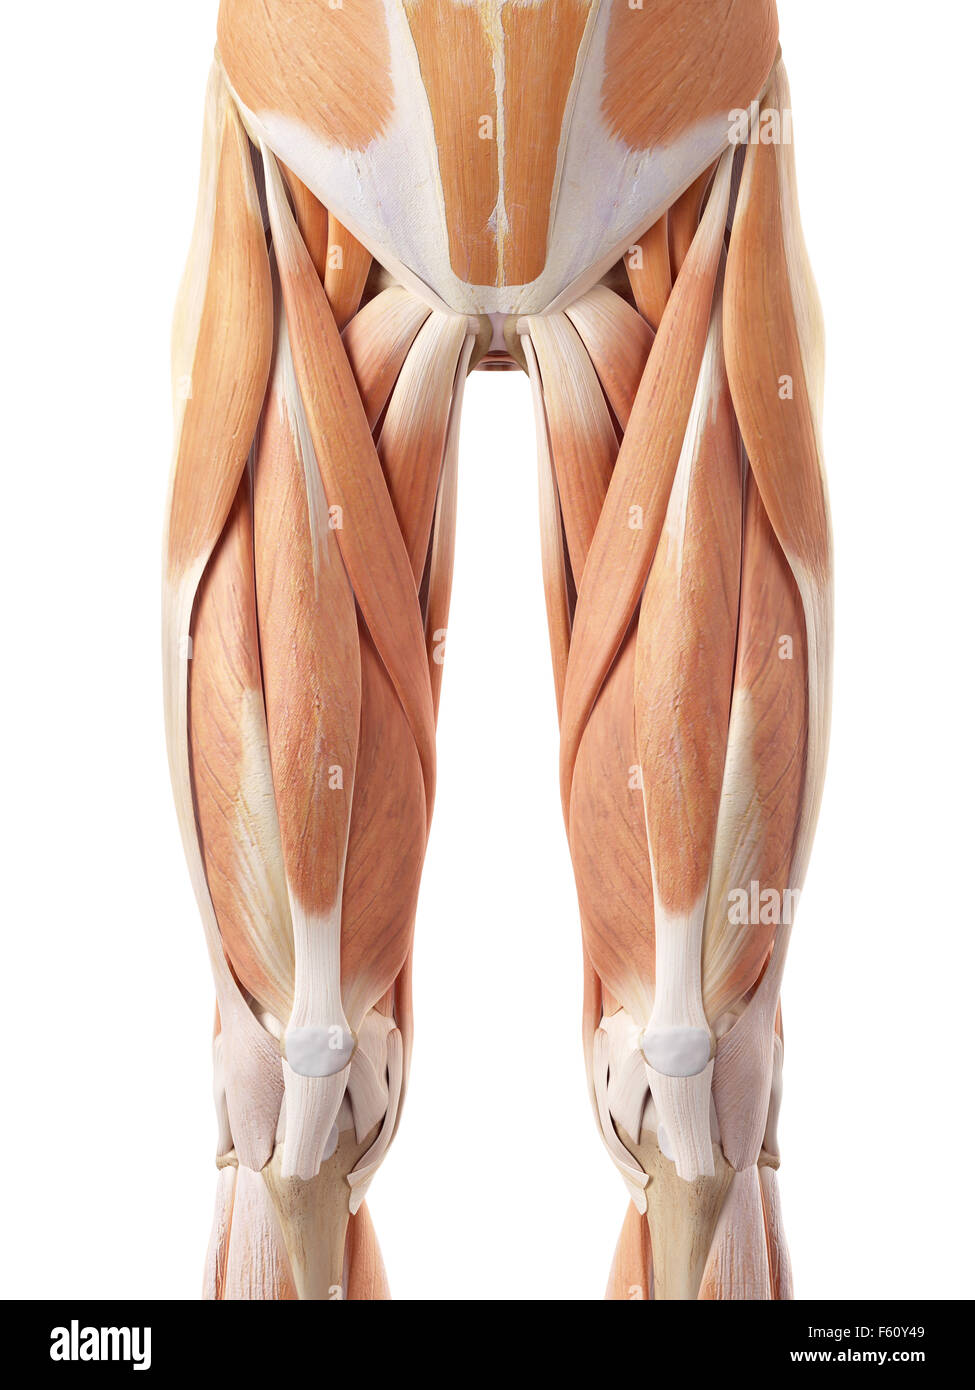 Human Upper Leg Muscles Stock Photos Human Upper Leg Muscles Stock